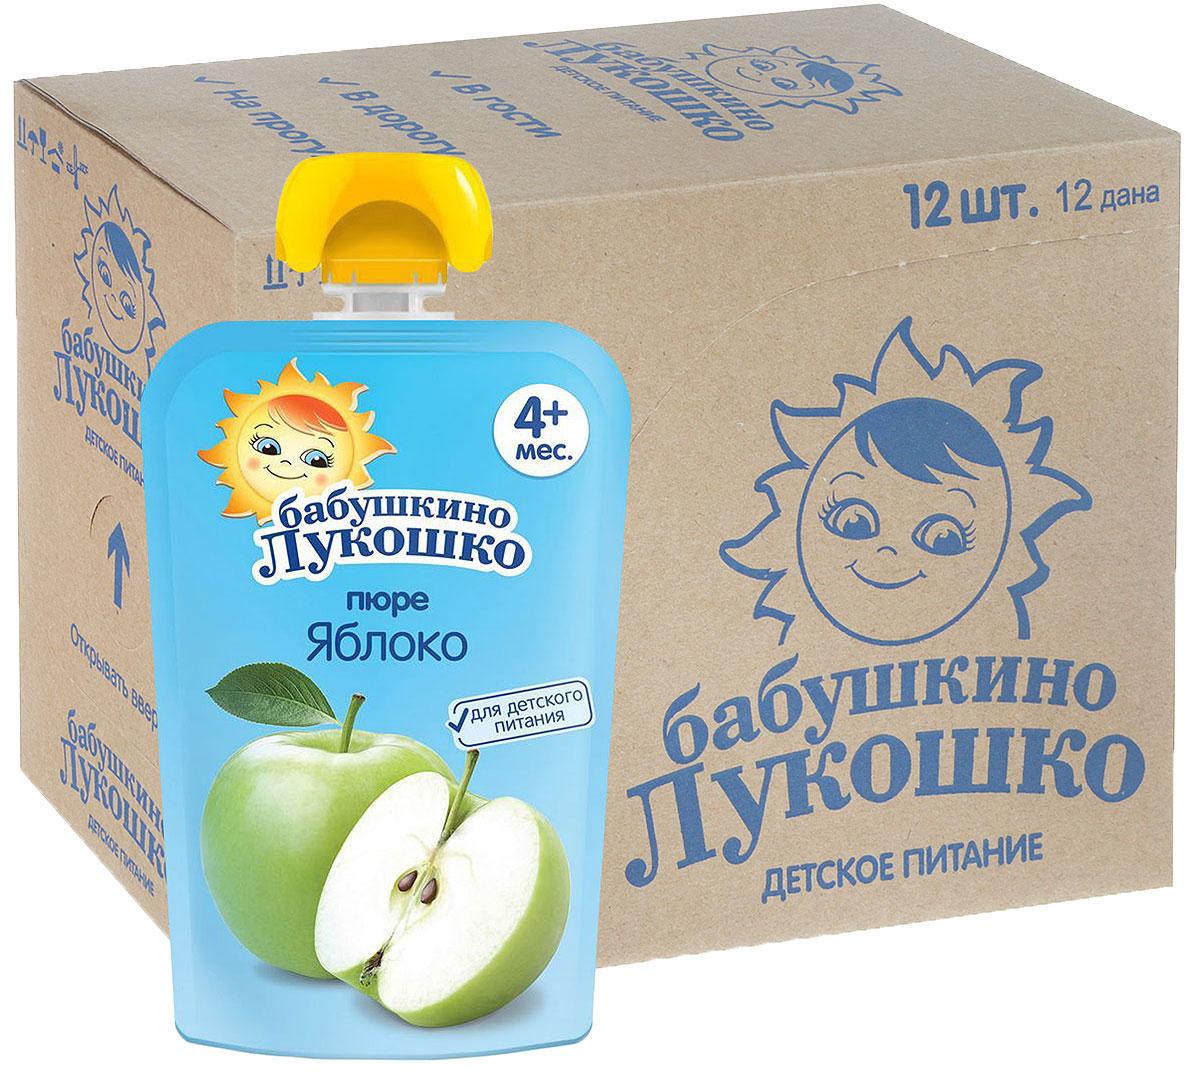 Бабушкино Лукошко Яблоко пюре с 4 месяцев, 12 шт по 90 г пюре бабушкино лукошко яблоко с 4 месяцев 6 шт х 200 г